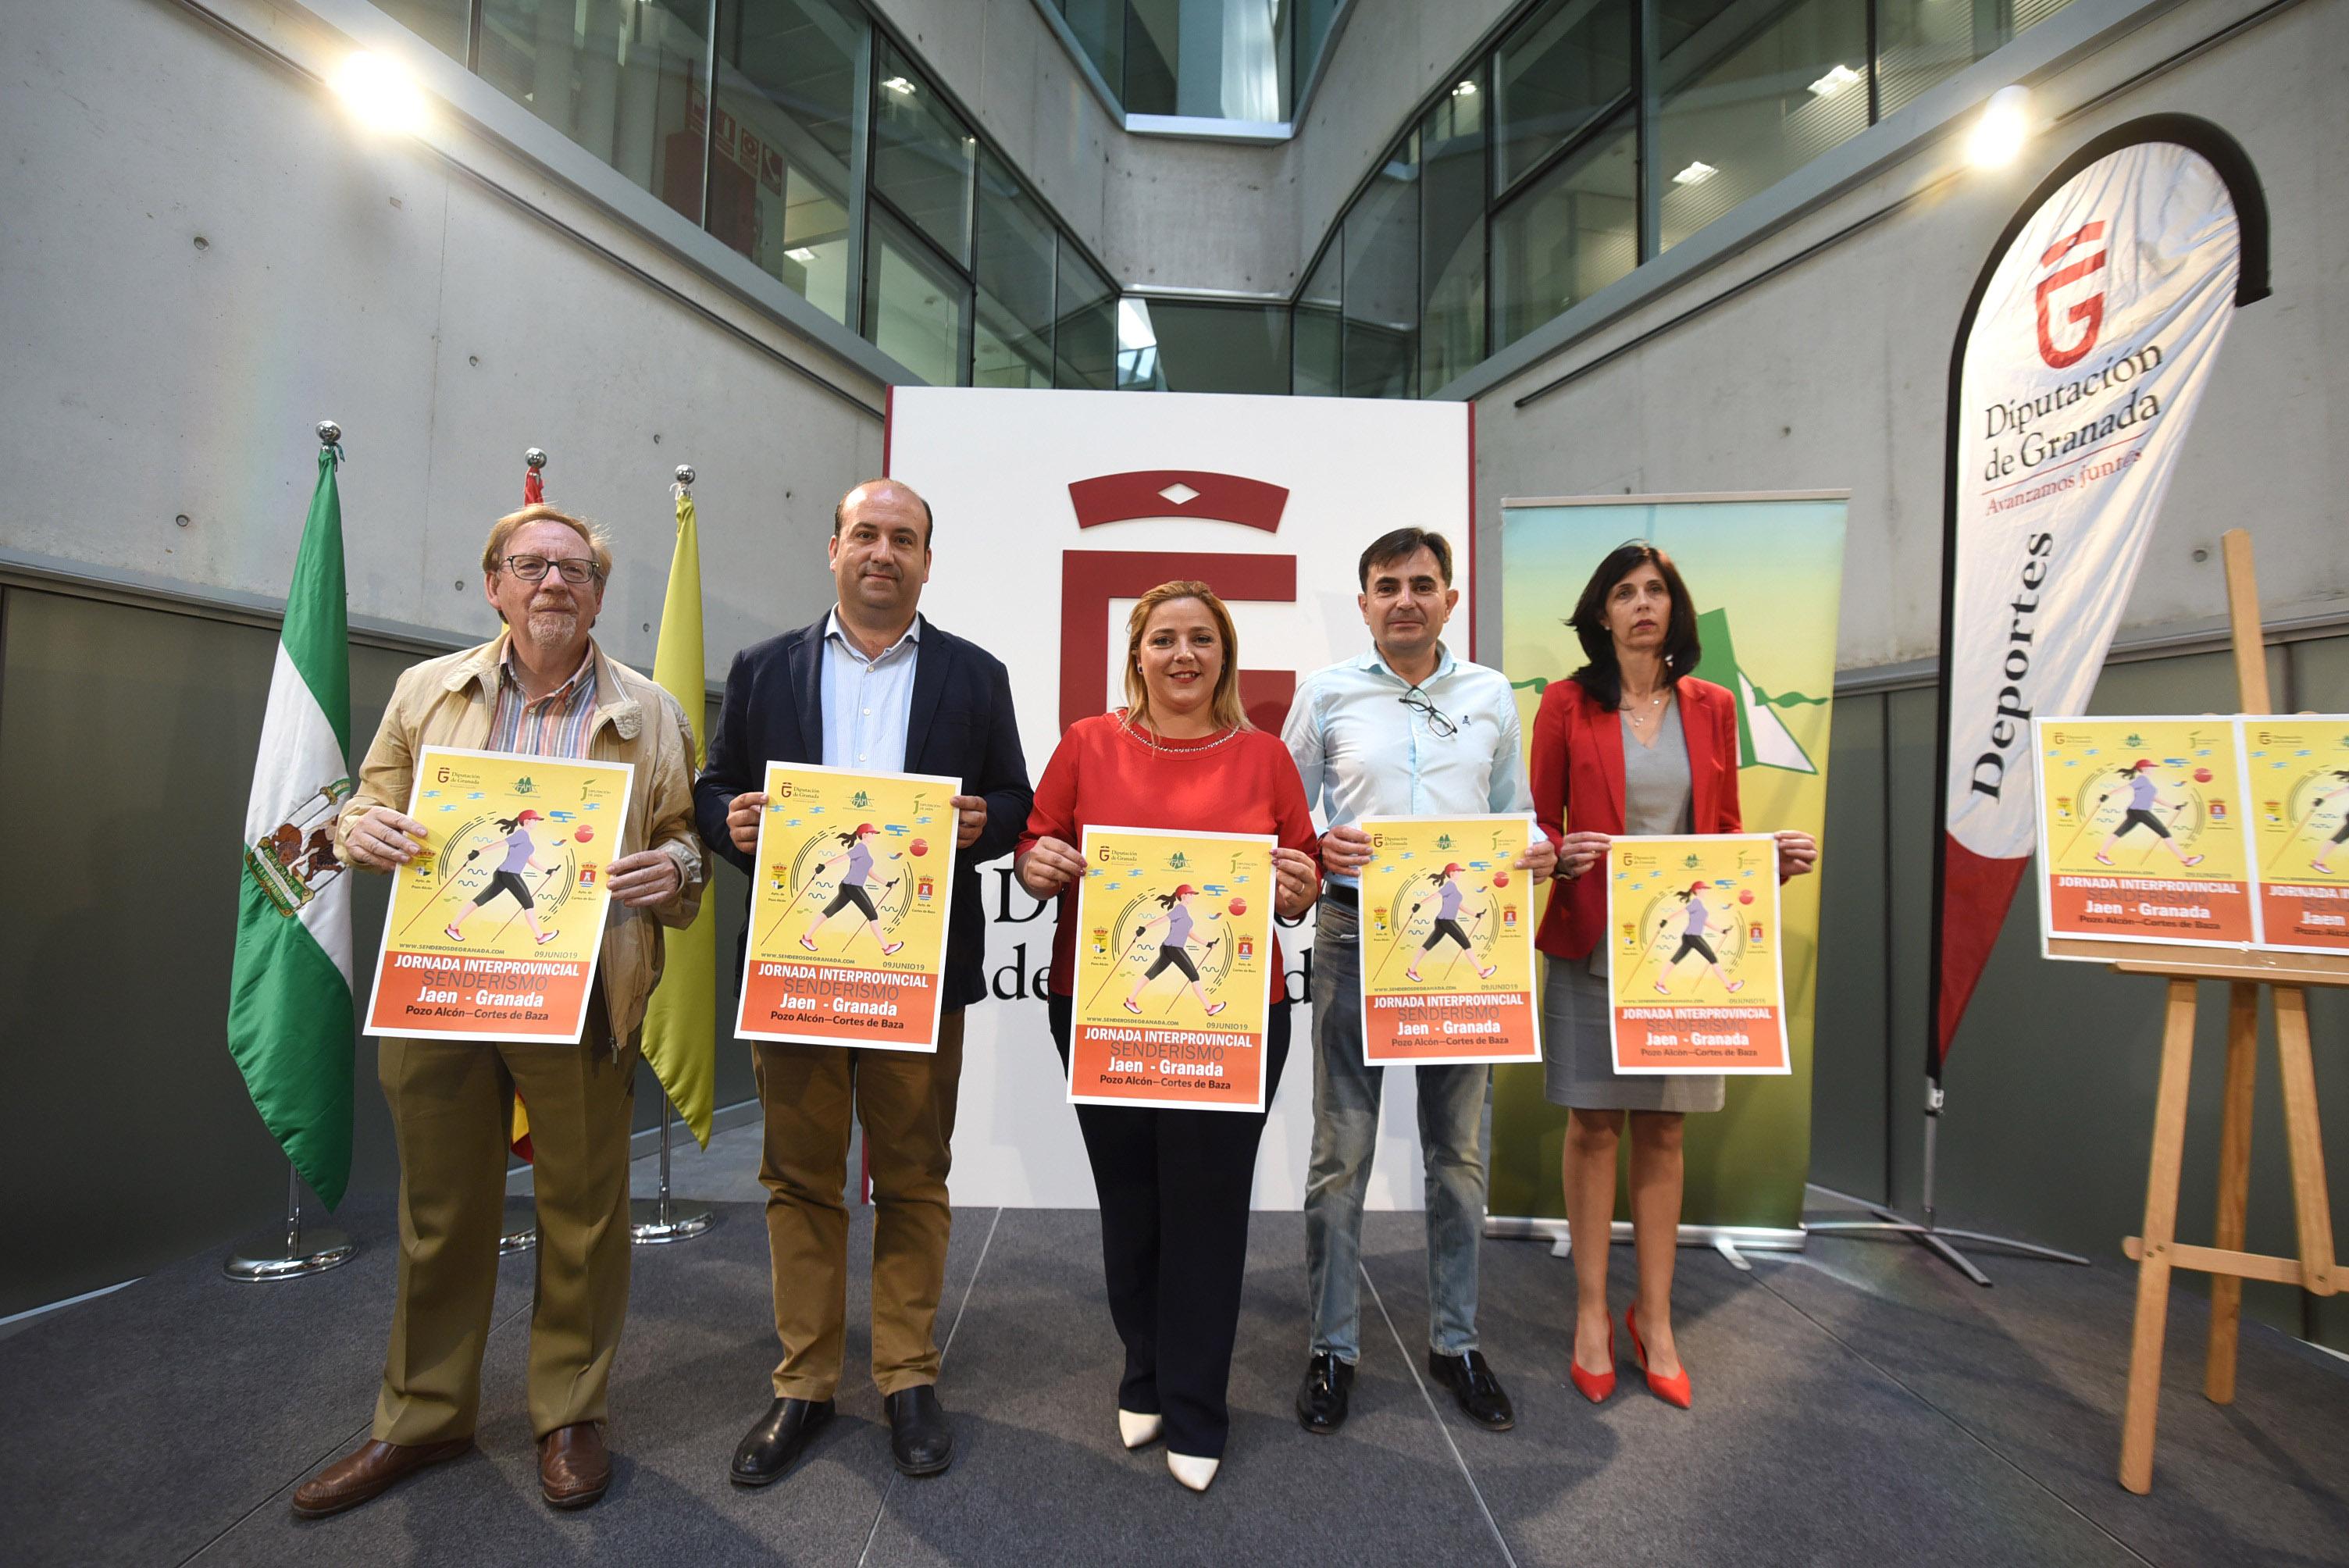 Las diputaciones de Granada y Jaén organizan una jornada de senderismo entre las dos provincias